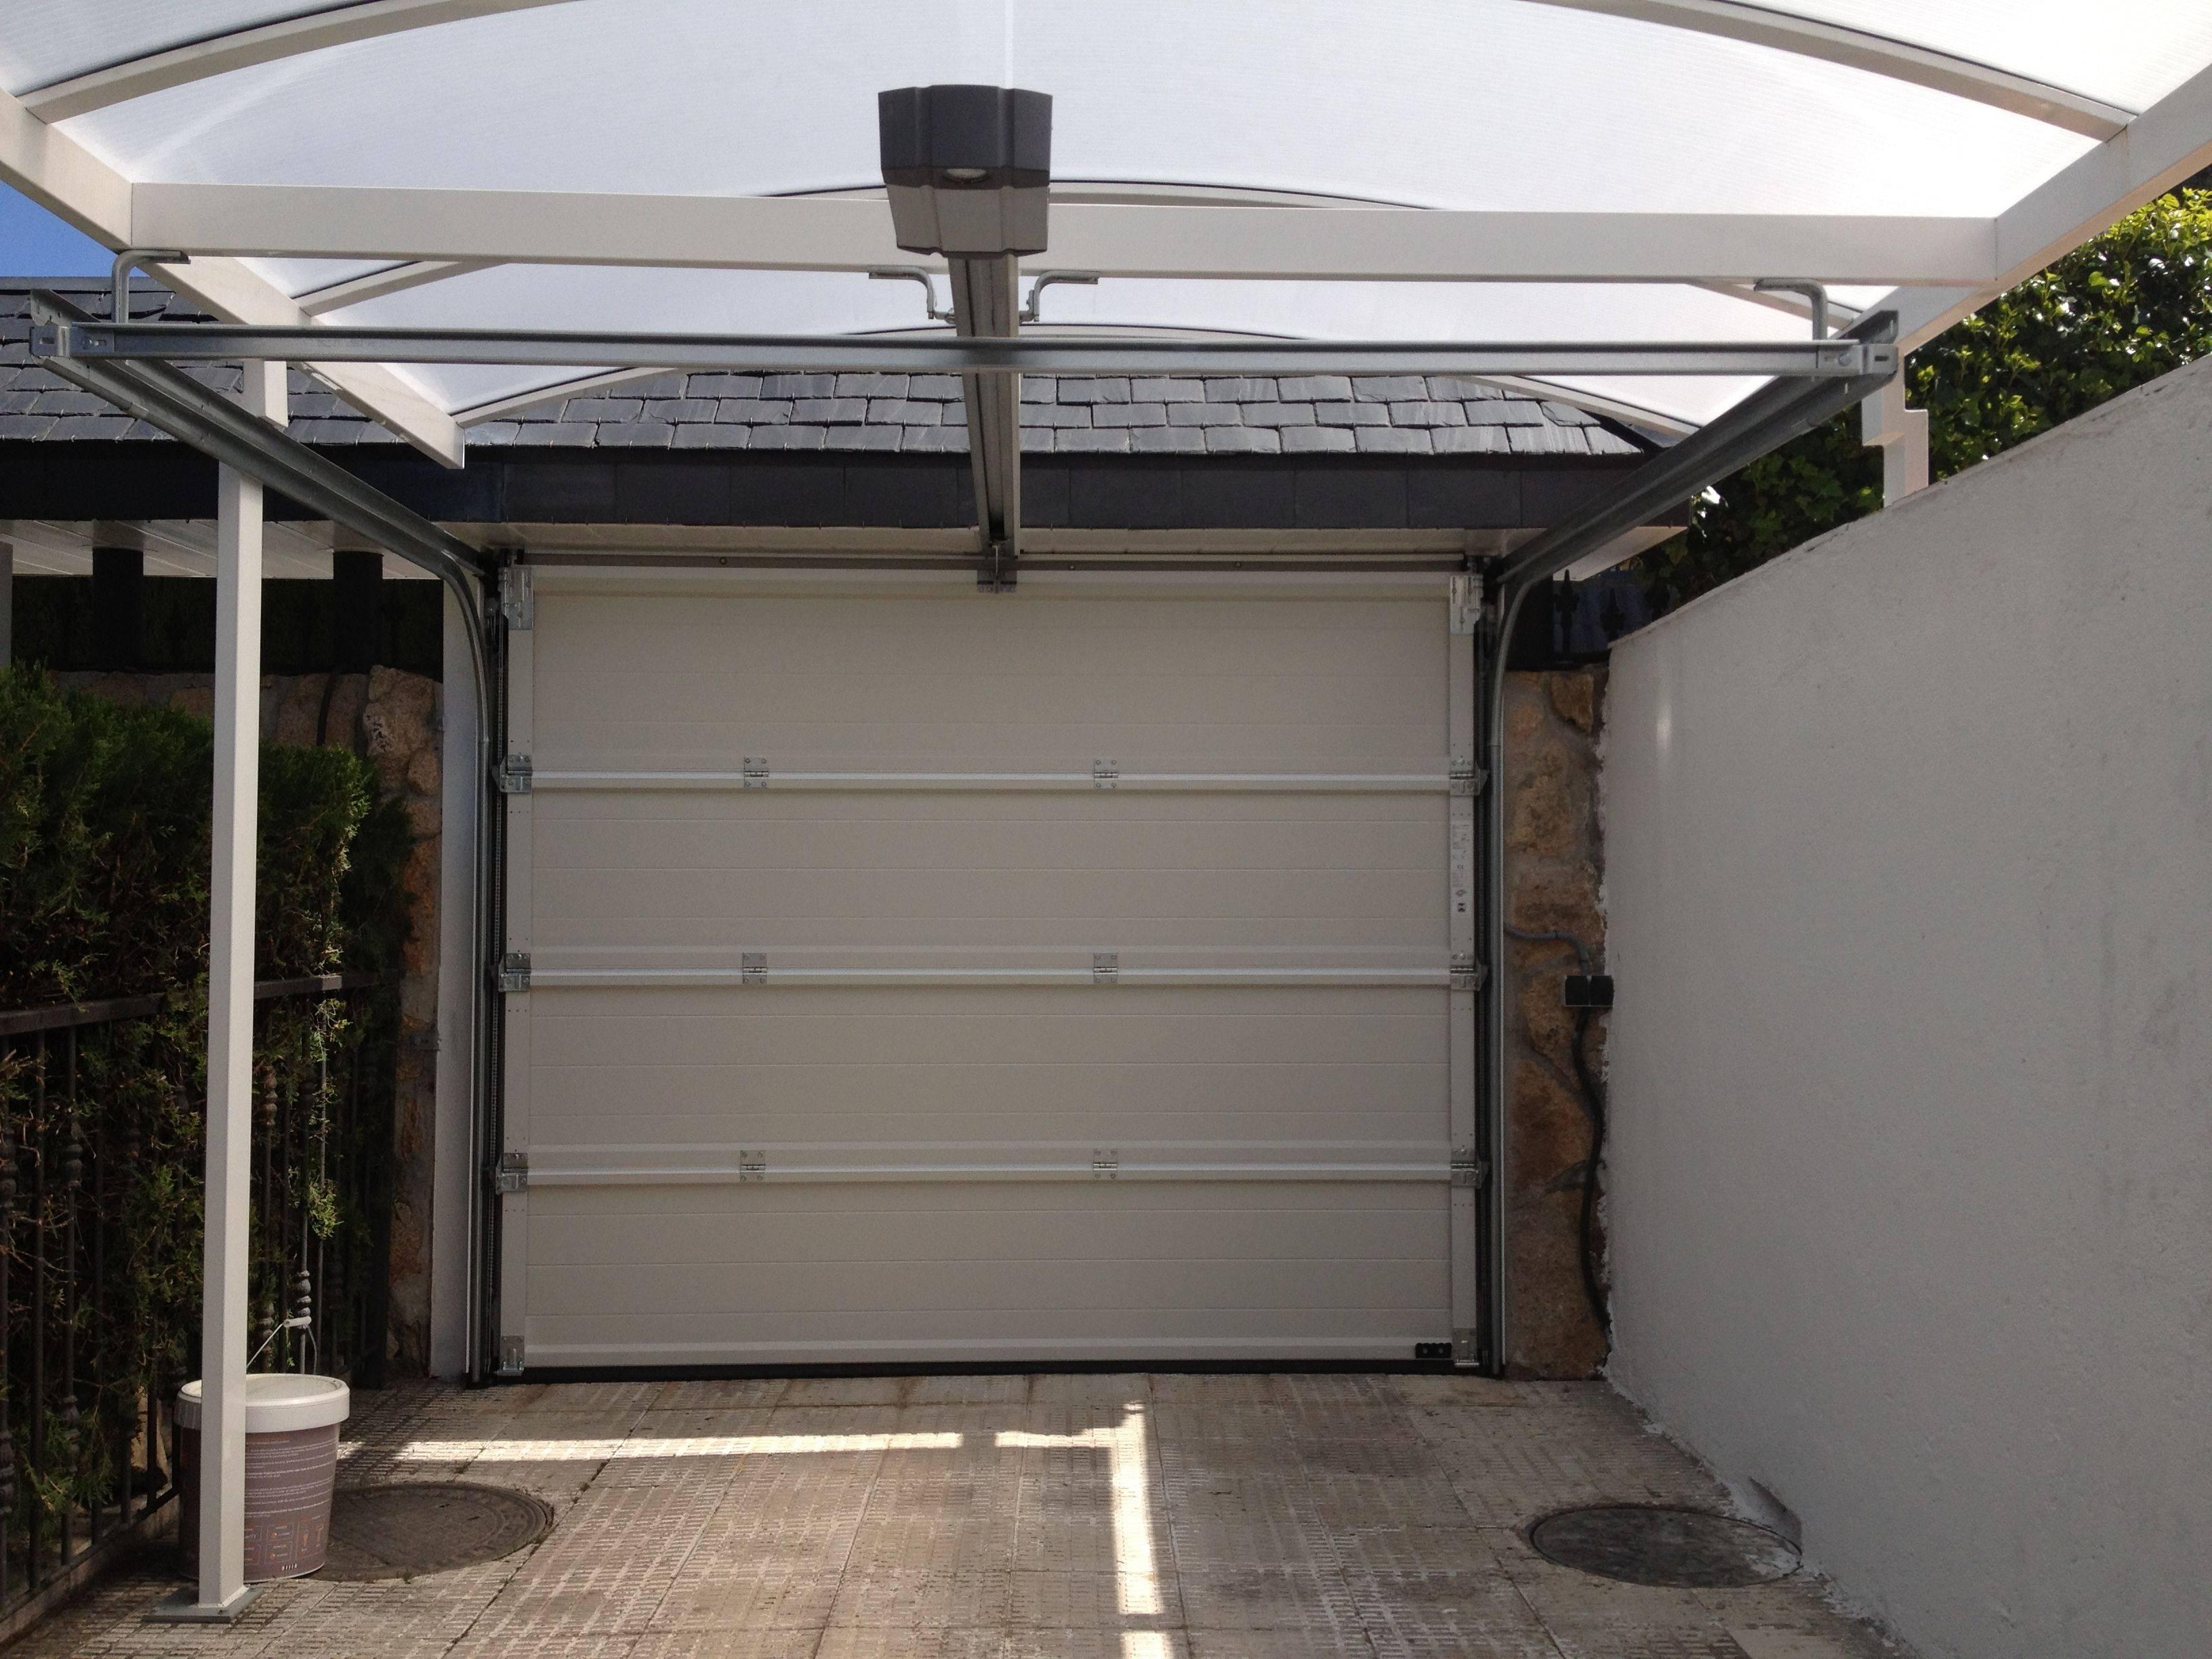 Precio puertas de garaje valencia santiago salvador - Puertas automaticas garaje precios ...